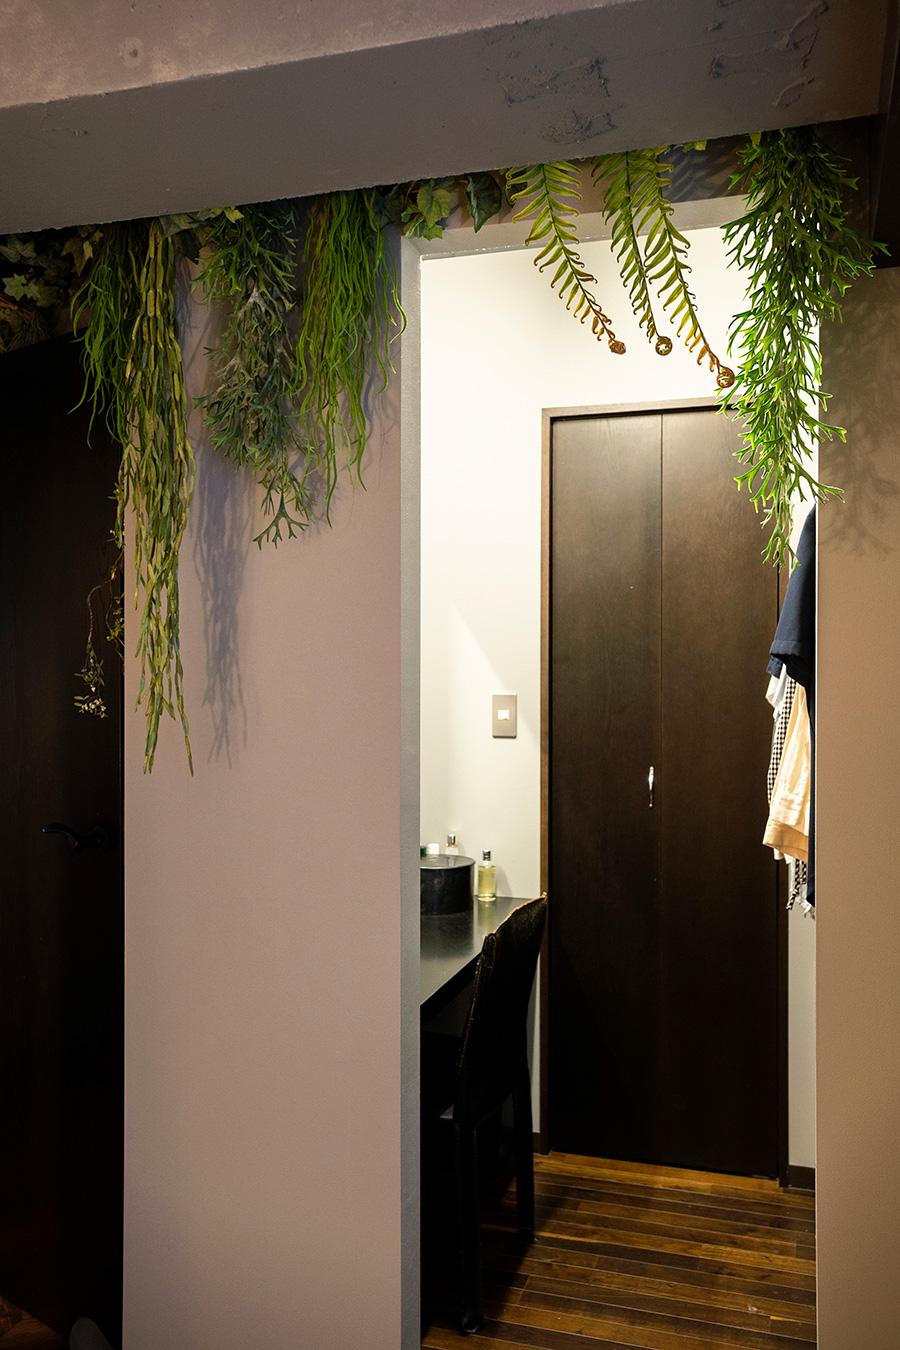 天井の梁を利用してフェイクグリーンをベッドから見える場所へ。その奥はドレッシングルーム。大容量のウォークインクローゼットは扉の奥に備え、生活感を出さない工夫を凝らしている。